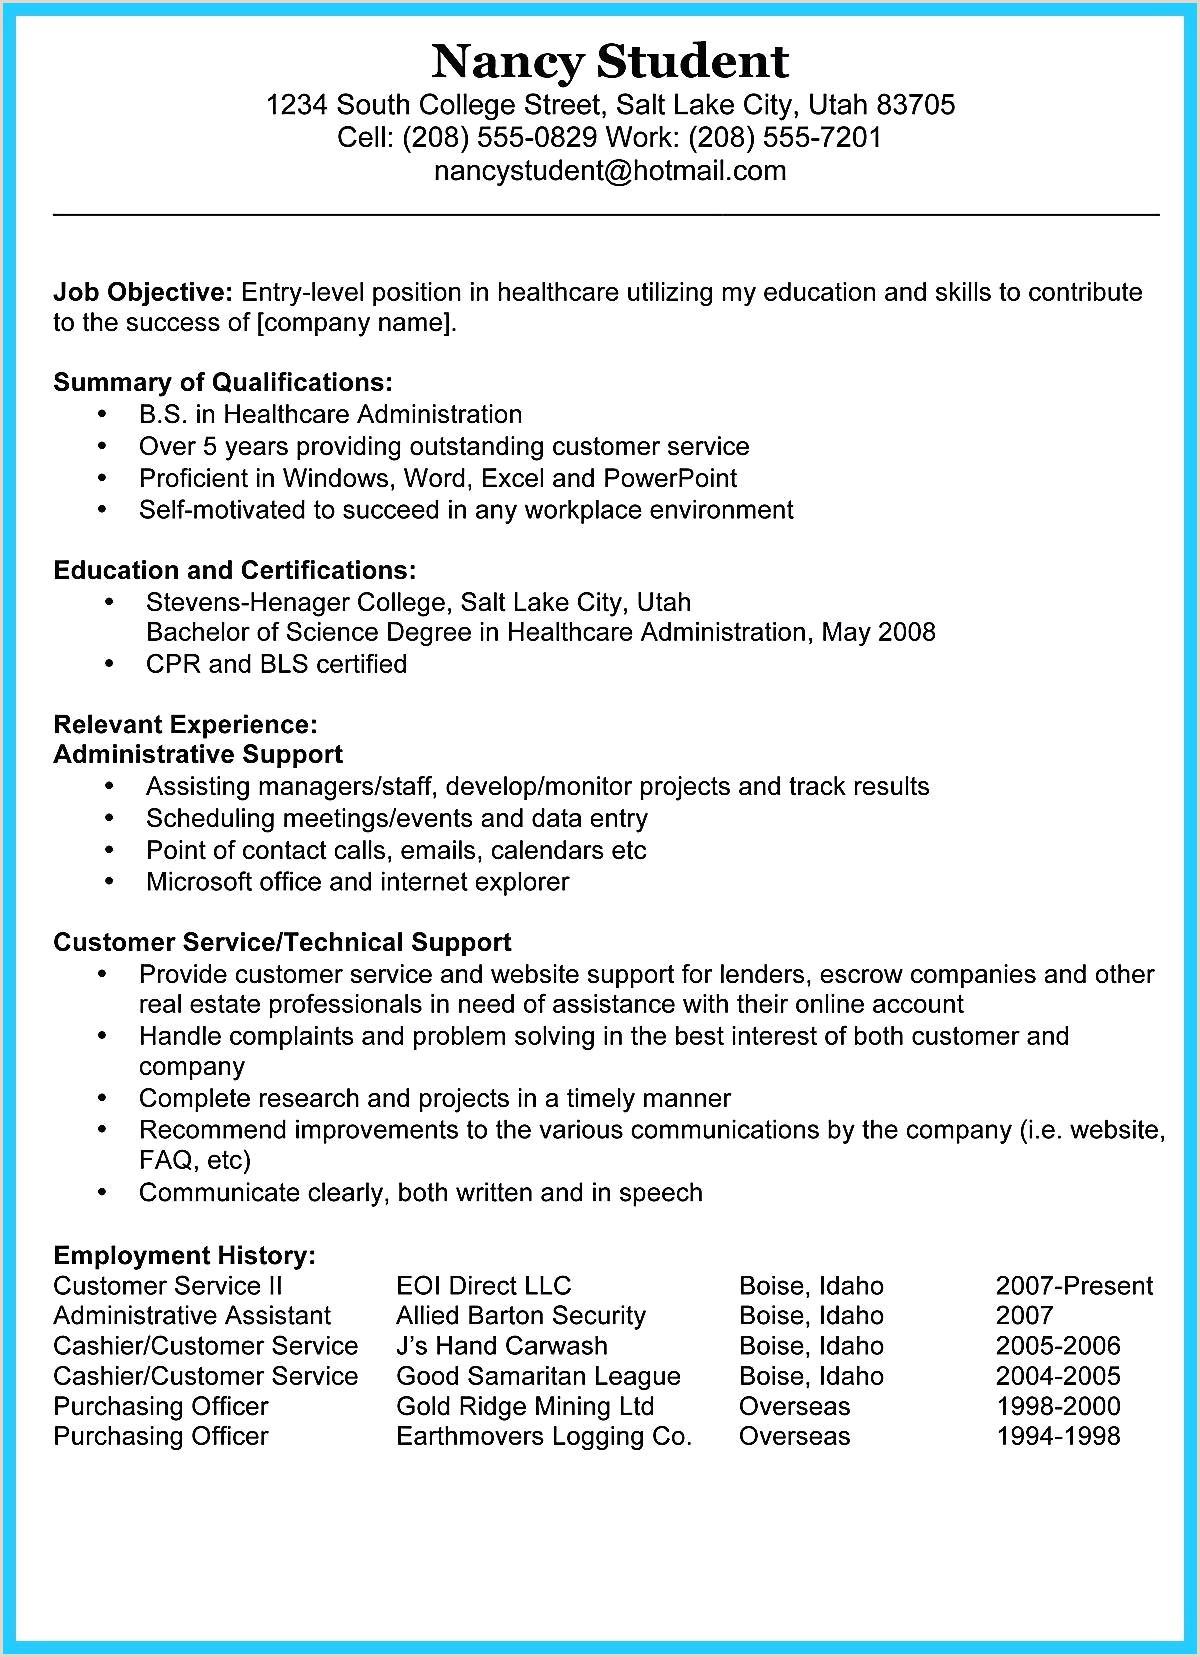 Resume format for Job Of Teacher Resume Template for Experienced Teacher New Sample Resume